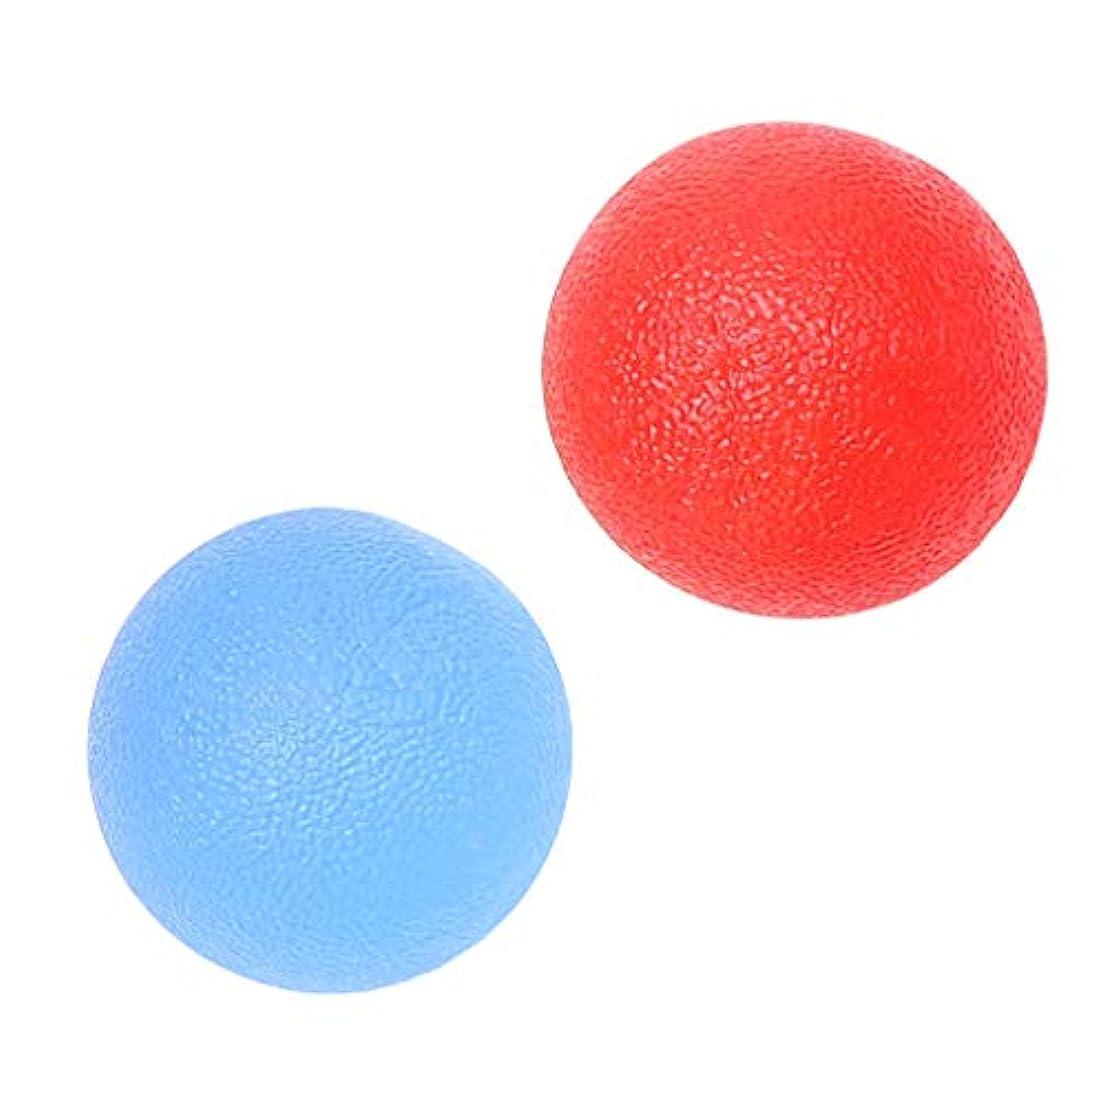 増加する階層ガス2個 ハンドエクササイズボール ハンドグリップ シリコン 指トレーニング ストレス緩和 減圧 赤/青